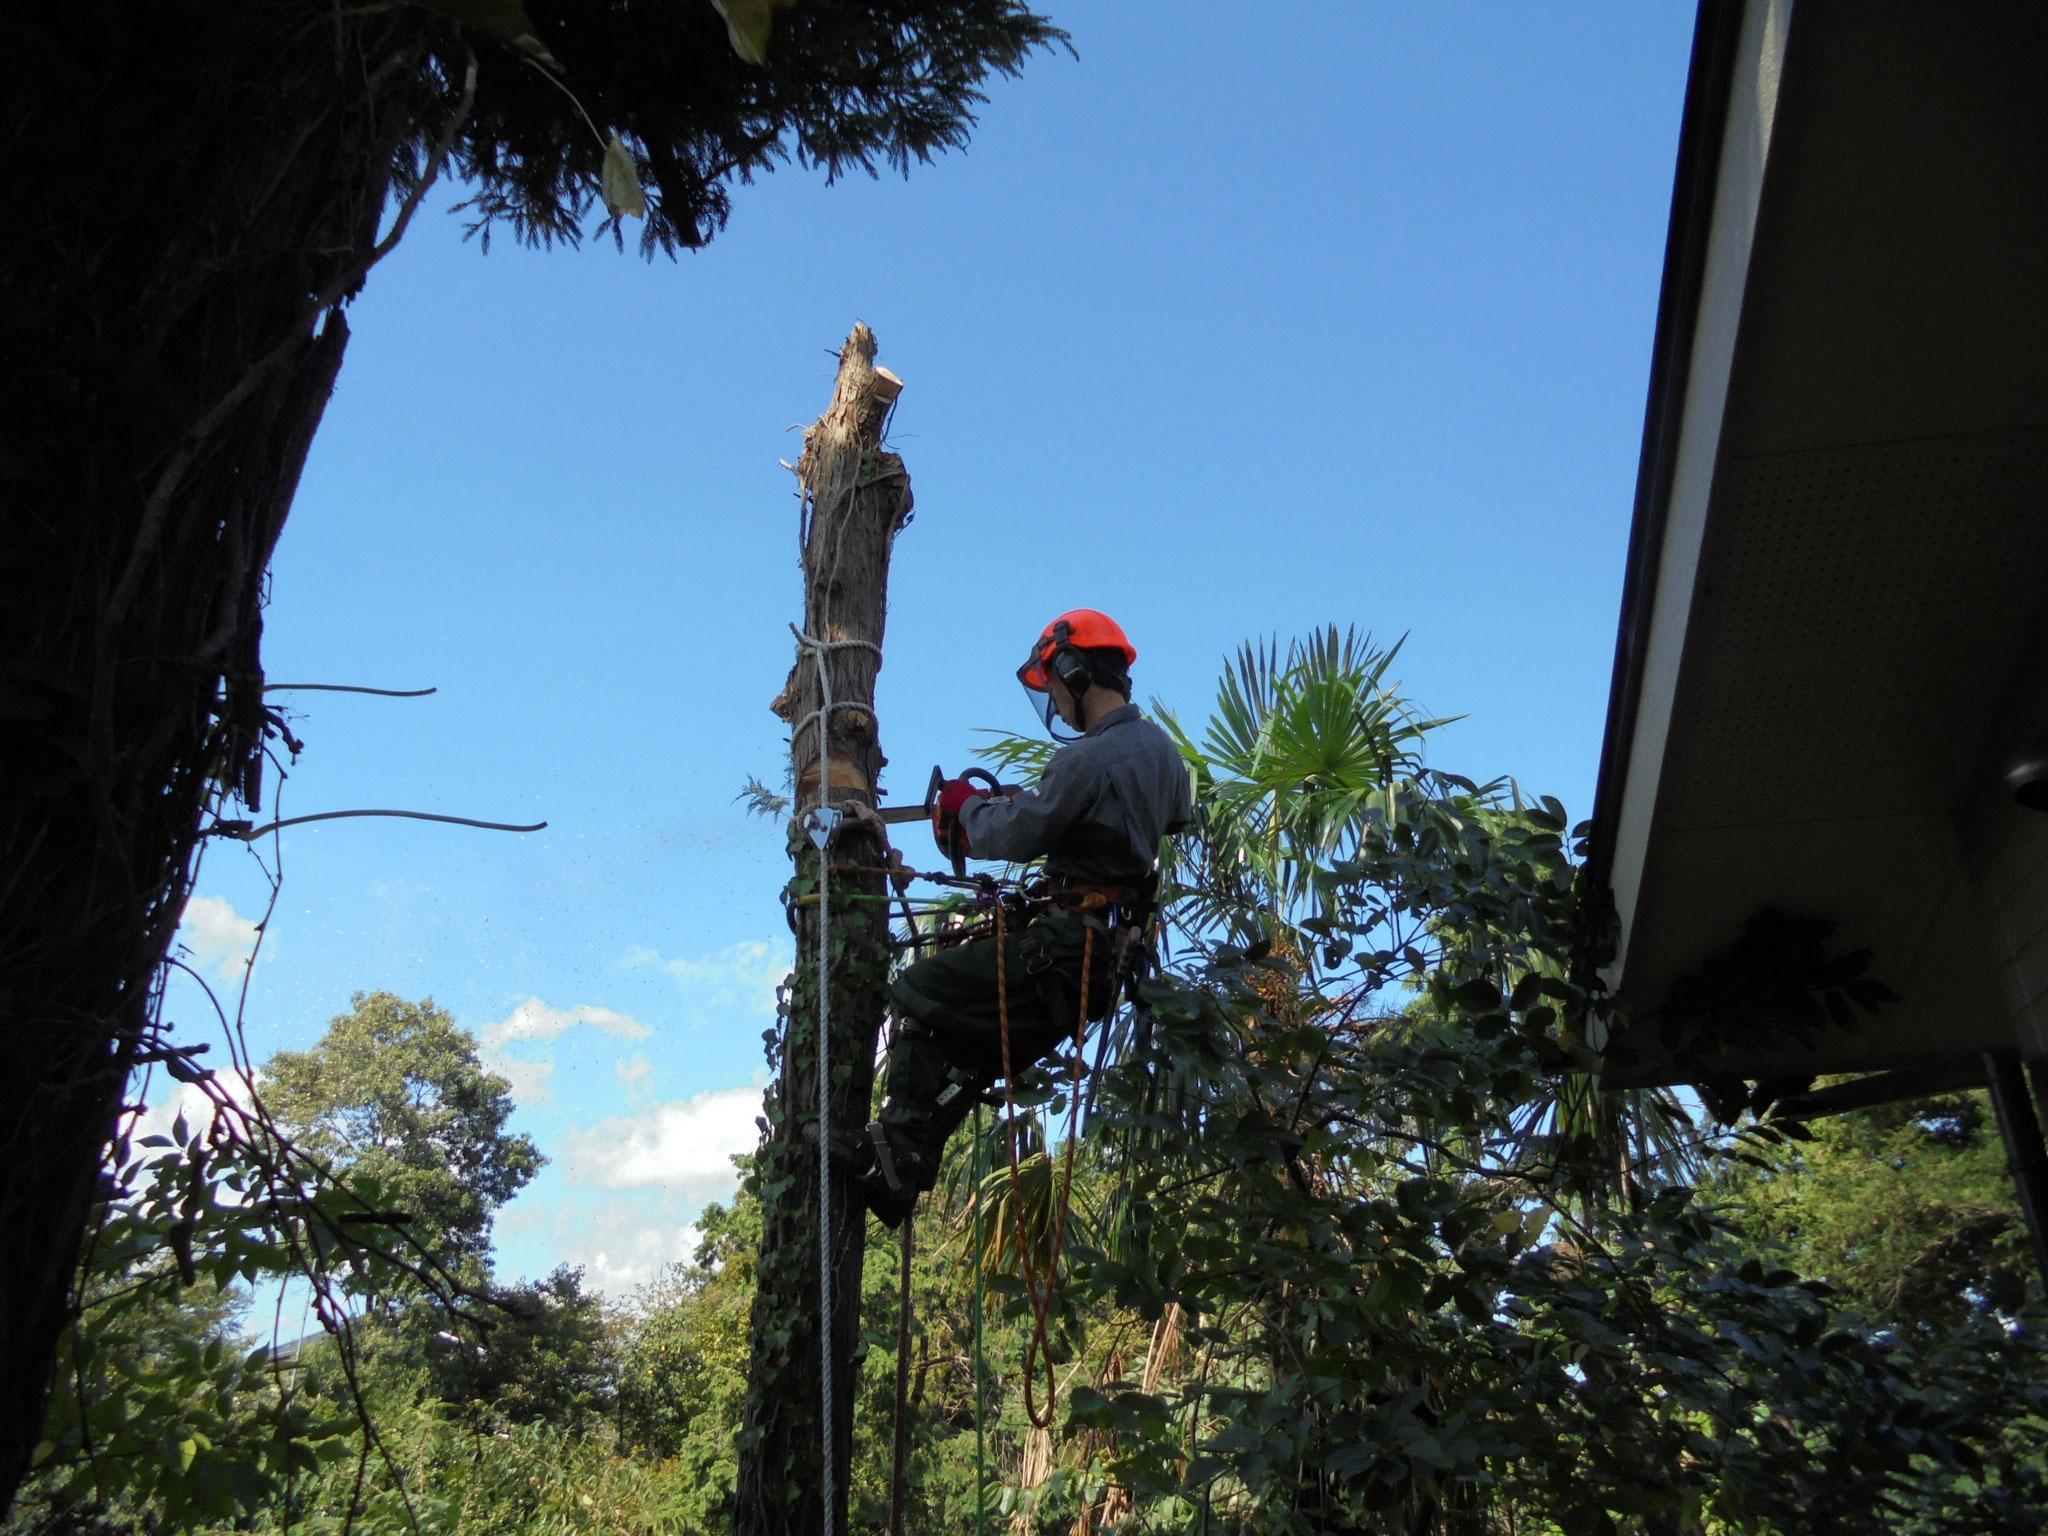 確かな技術でどんな木でも対応出来ます。